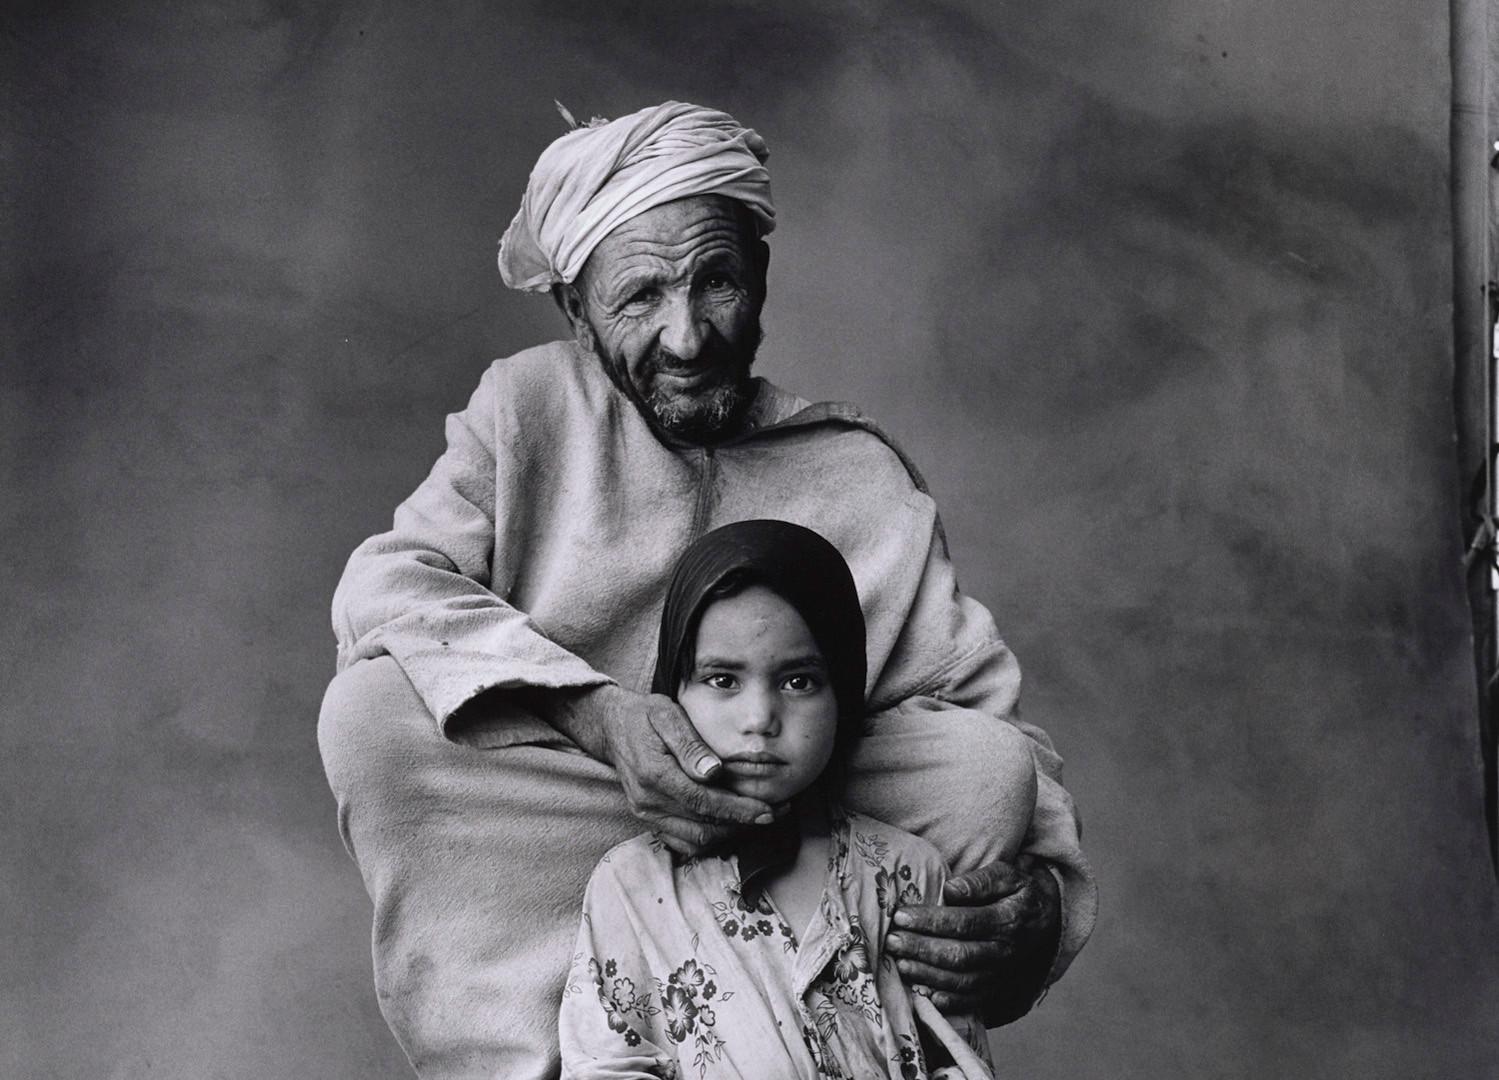 Irving Penn, Young Girl and Grandfather, Morocco, 1971